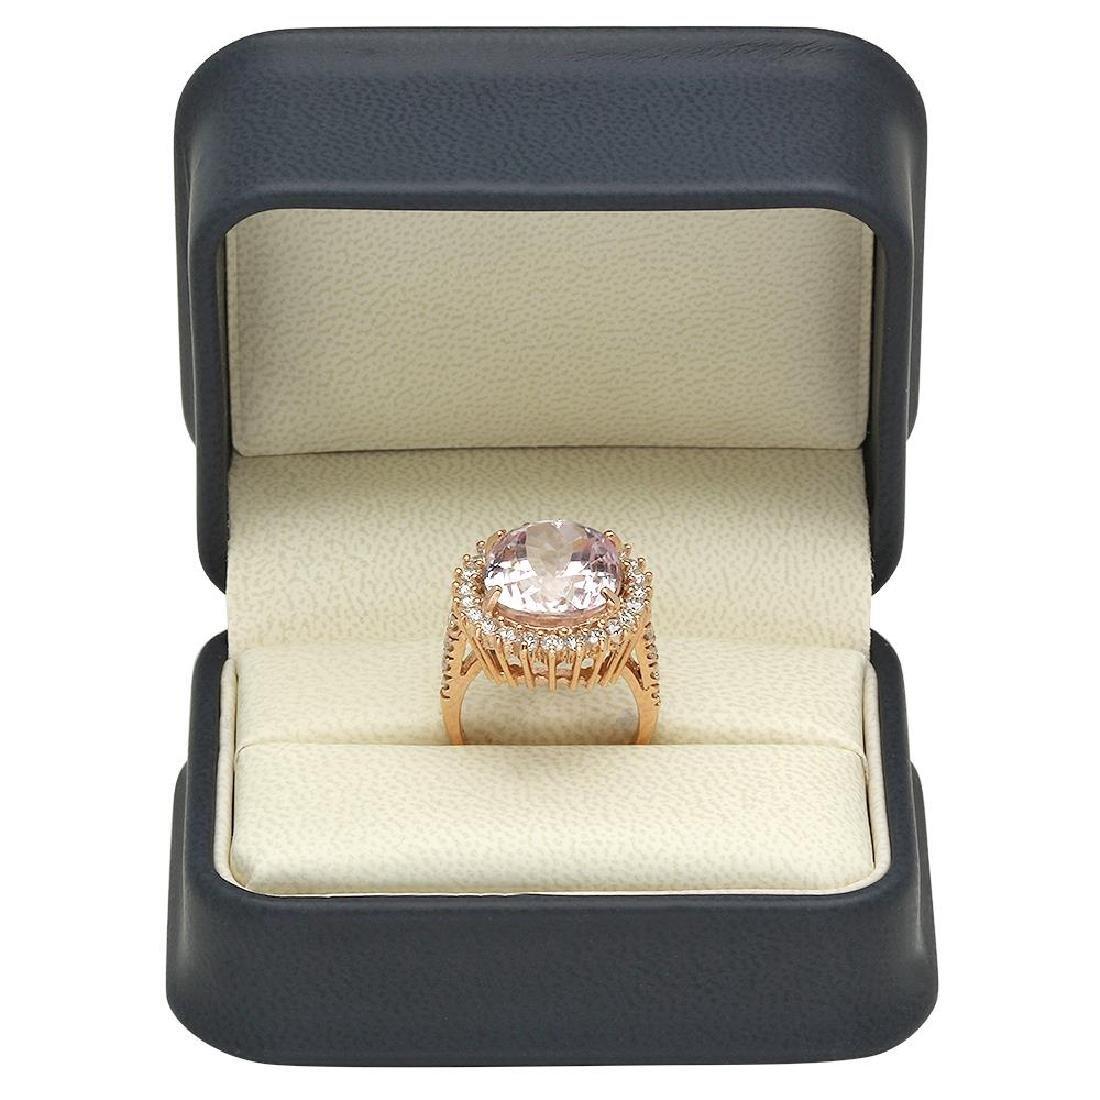 14K Gold 16.65ct Kunzite 1.46ct Diamond Ring - 4